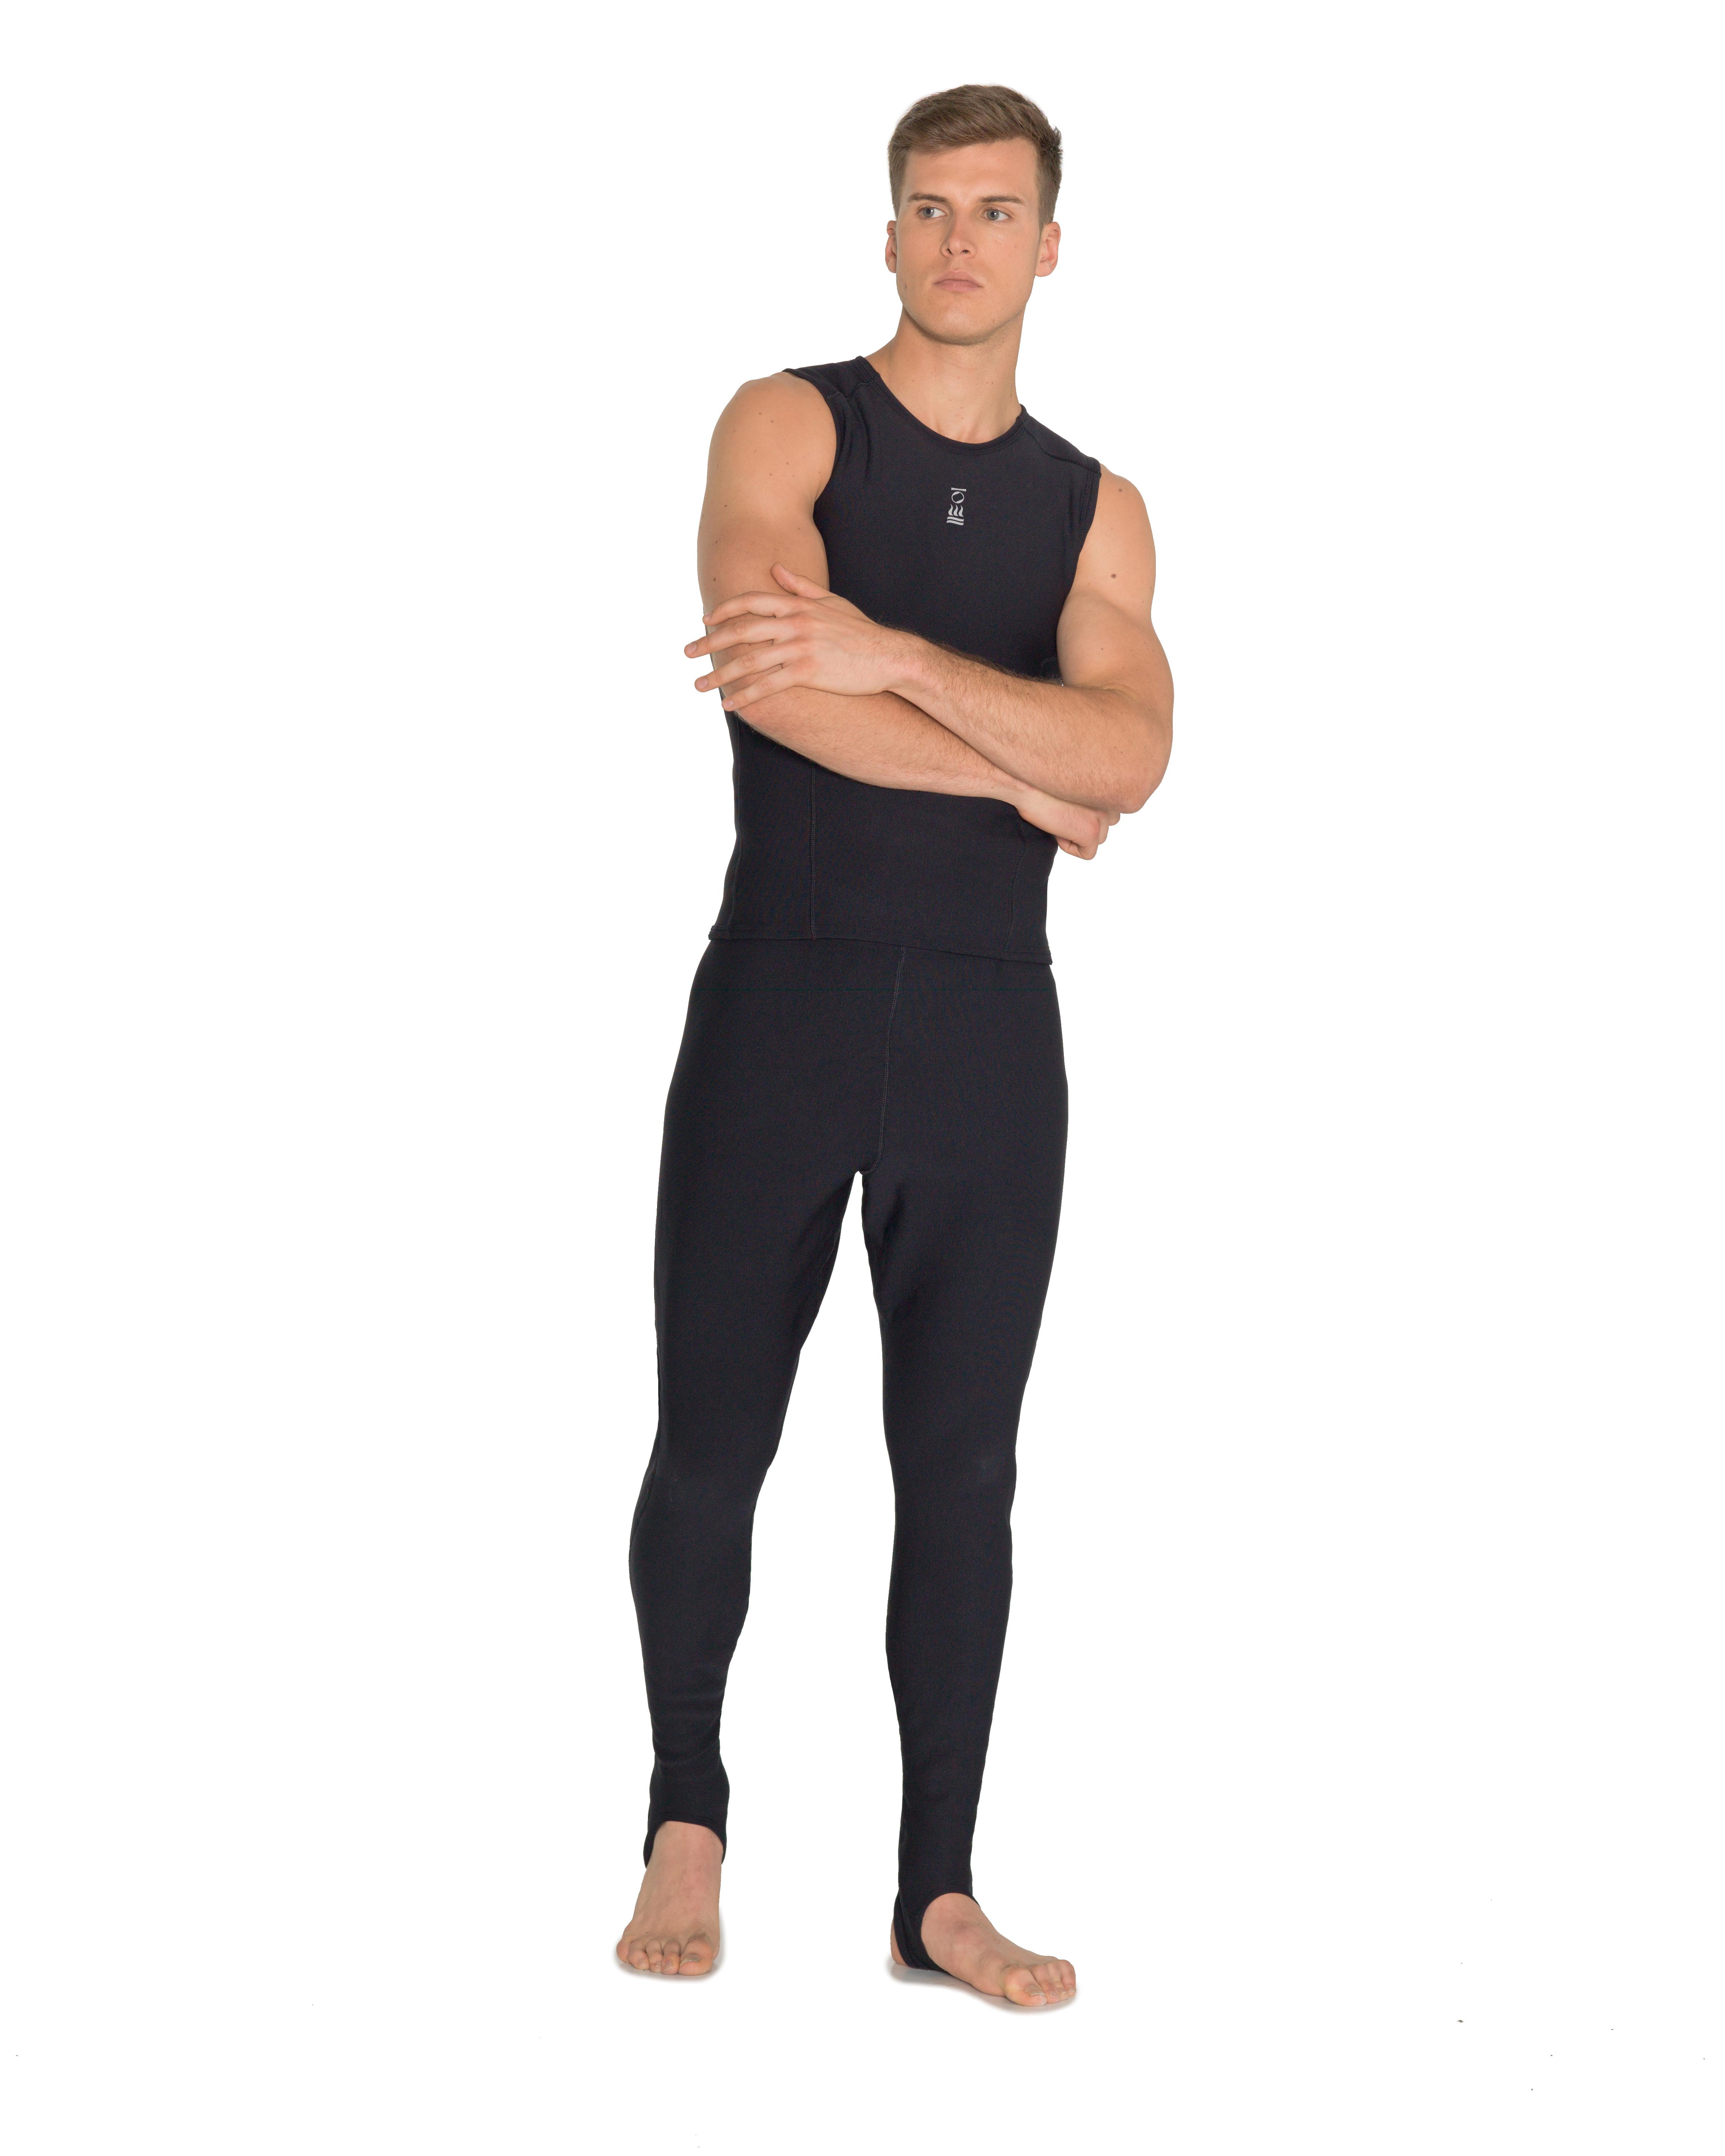 Xerotherm Vest (Ladies / Men's)